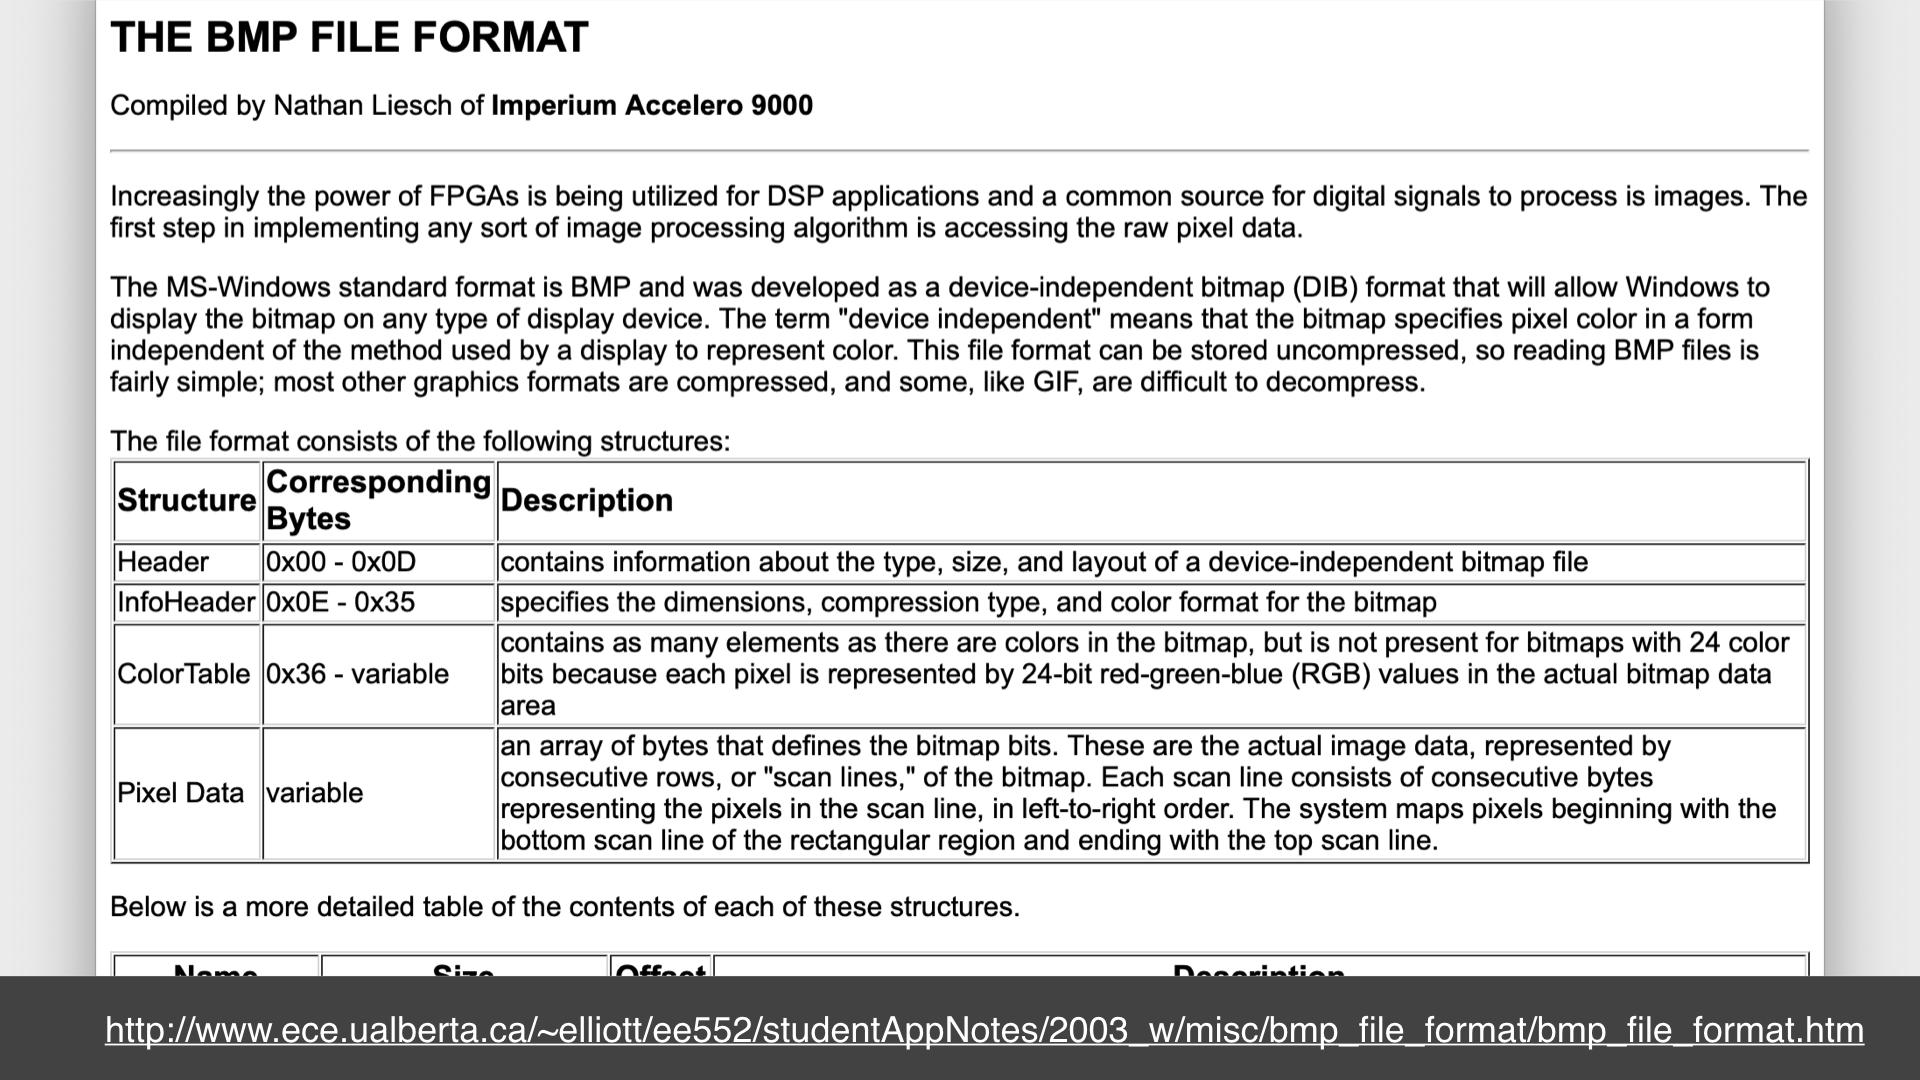 Screenshot of a webpage describing the BMP file format specification; url: http://www.ece.ualberta.ca/~elliott/ee552/studentAppNotes/2003_w/misc/bmp_file_format/bmp_file_format.htm